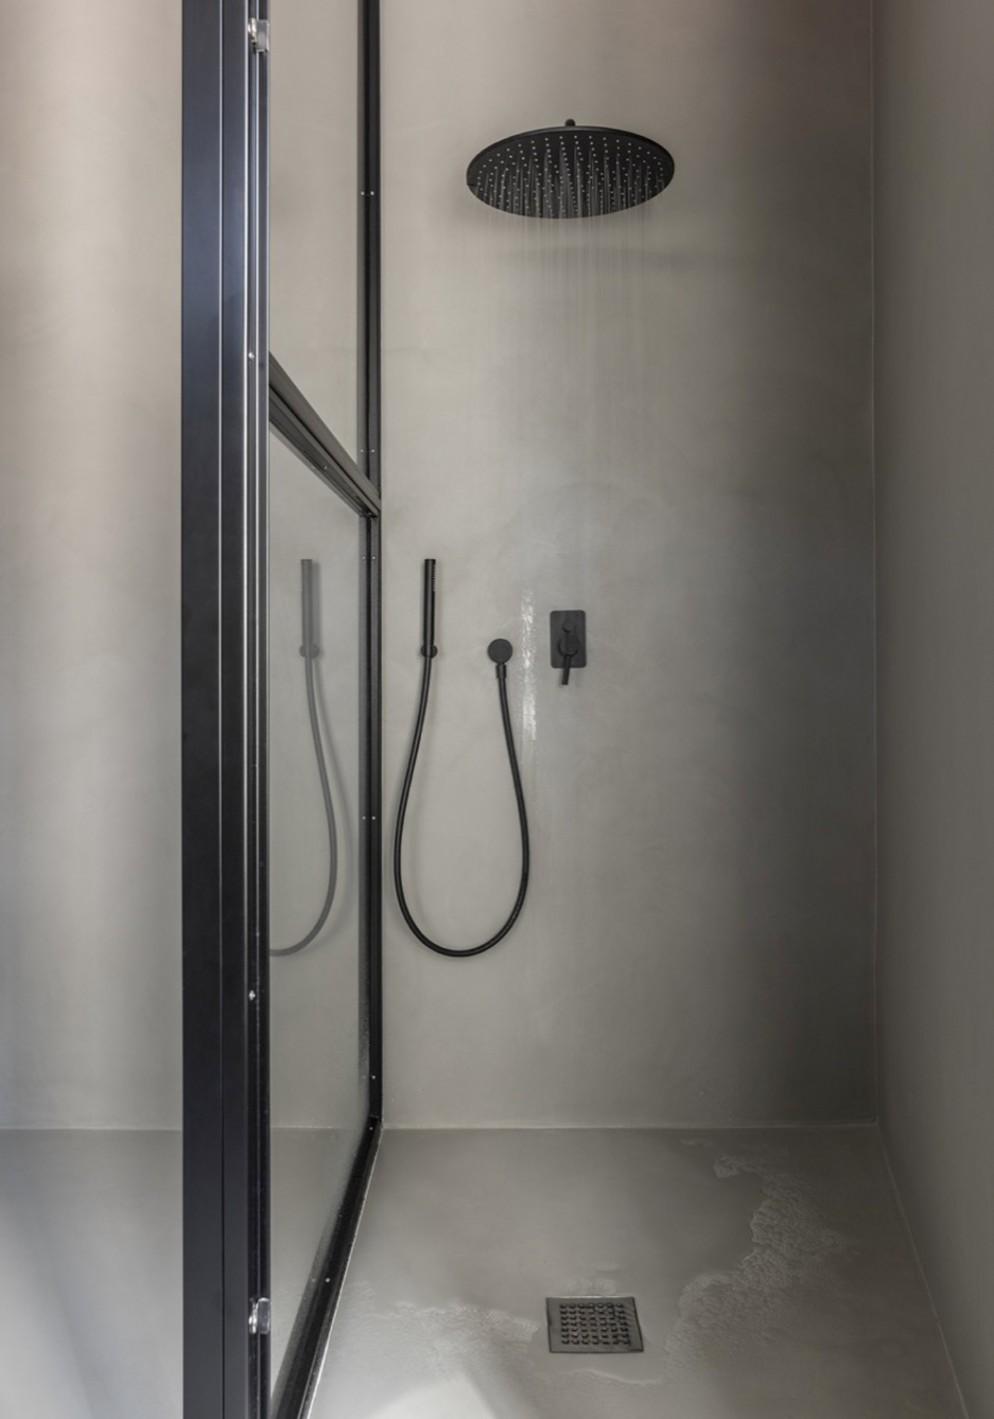 microcemento HDsurface_PerfectCombination_Villa privata Como 2020 03